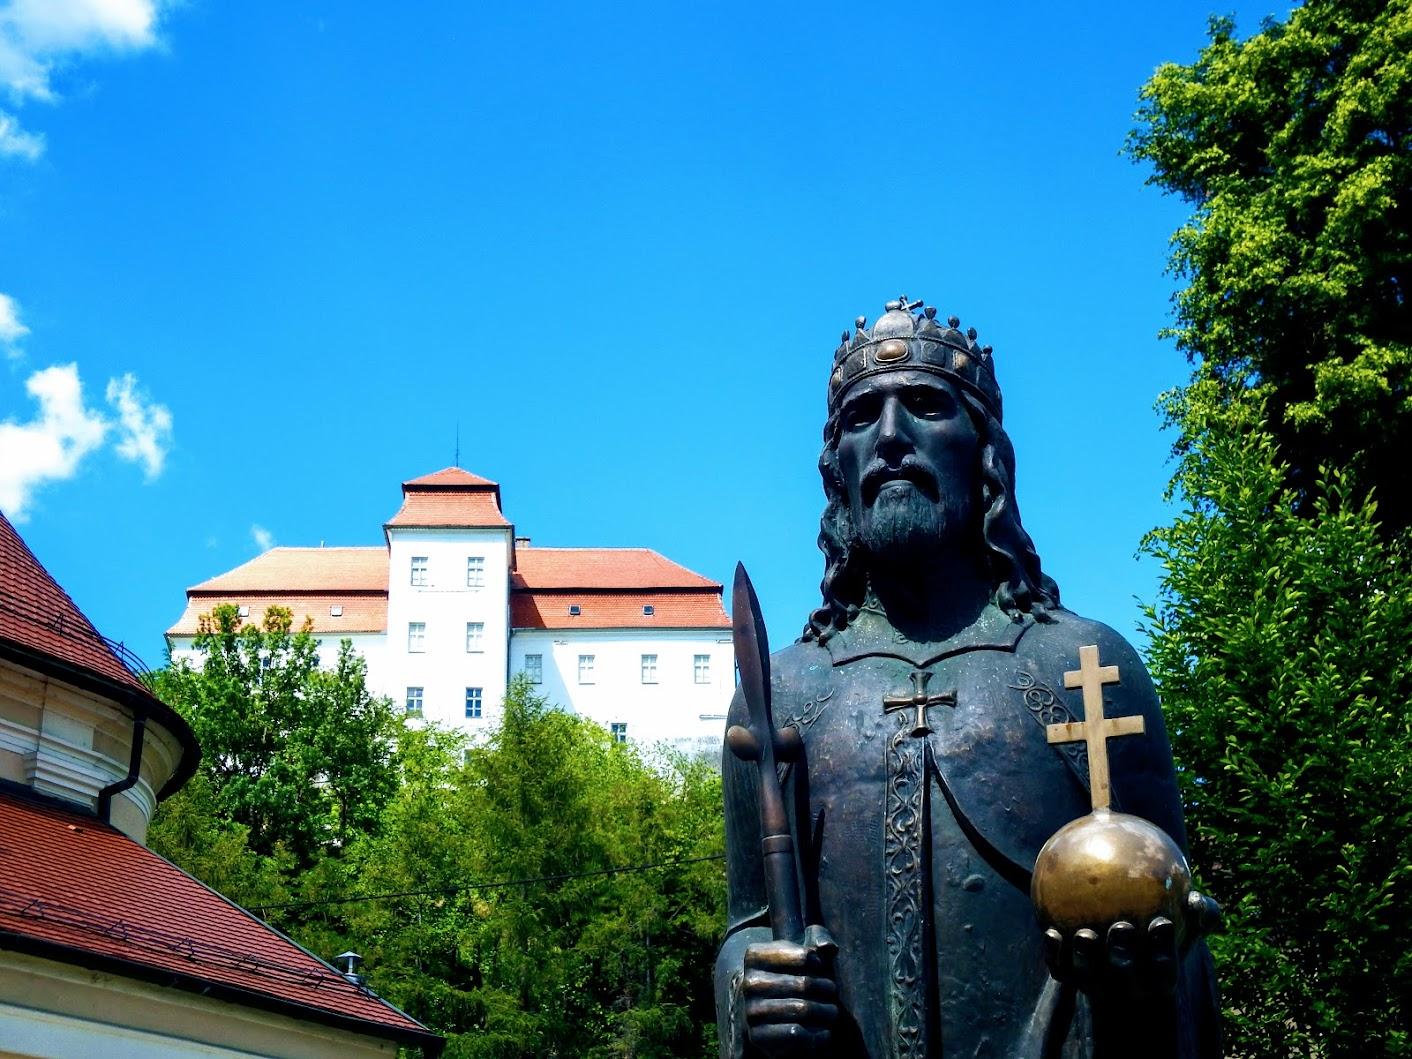 Lendava (Lendva) - kip sv. Štefana na Cerkvenem trgu (Szent István-szobor a templom téren)